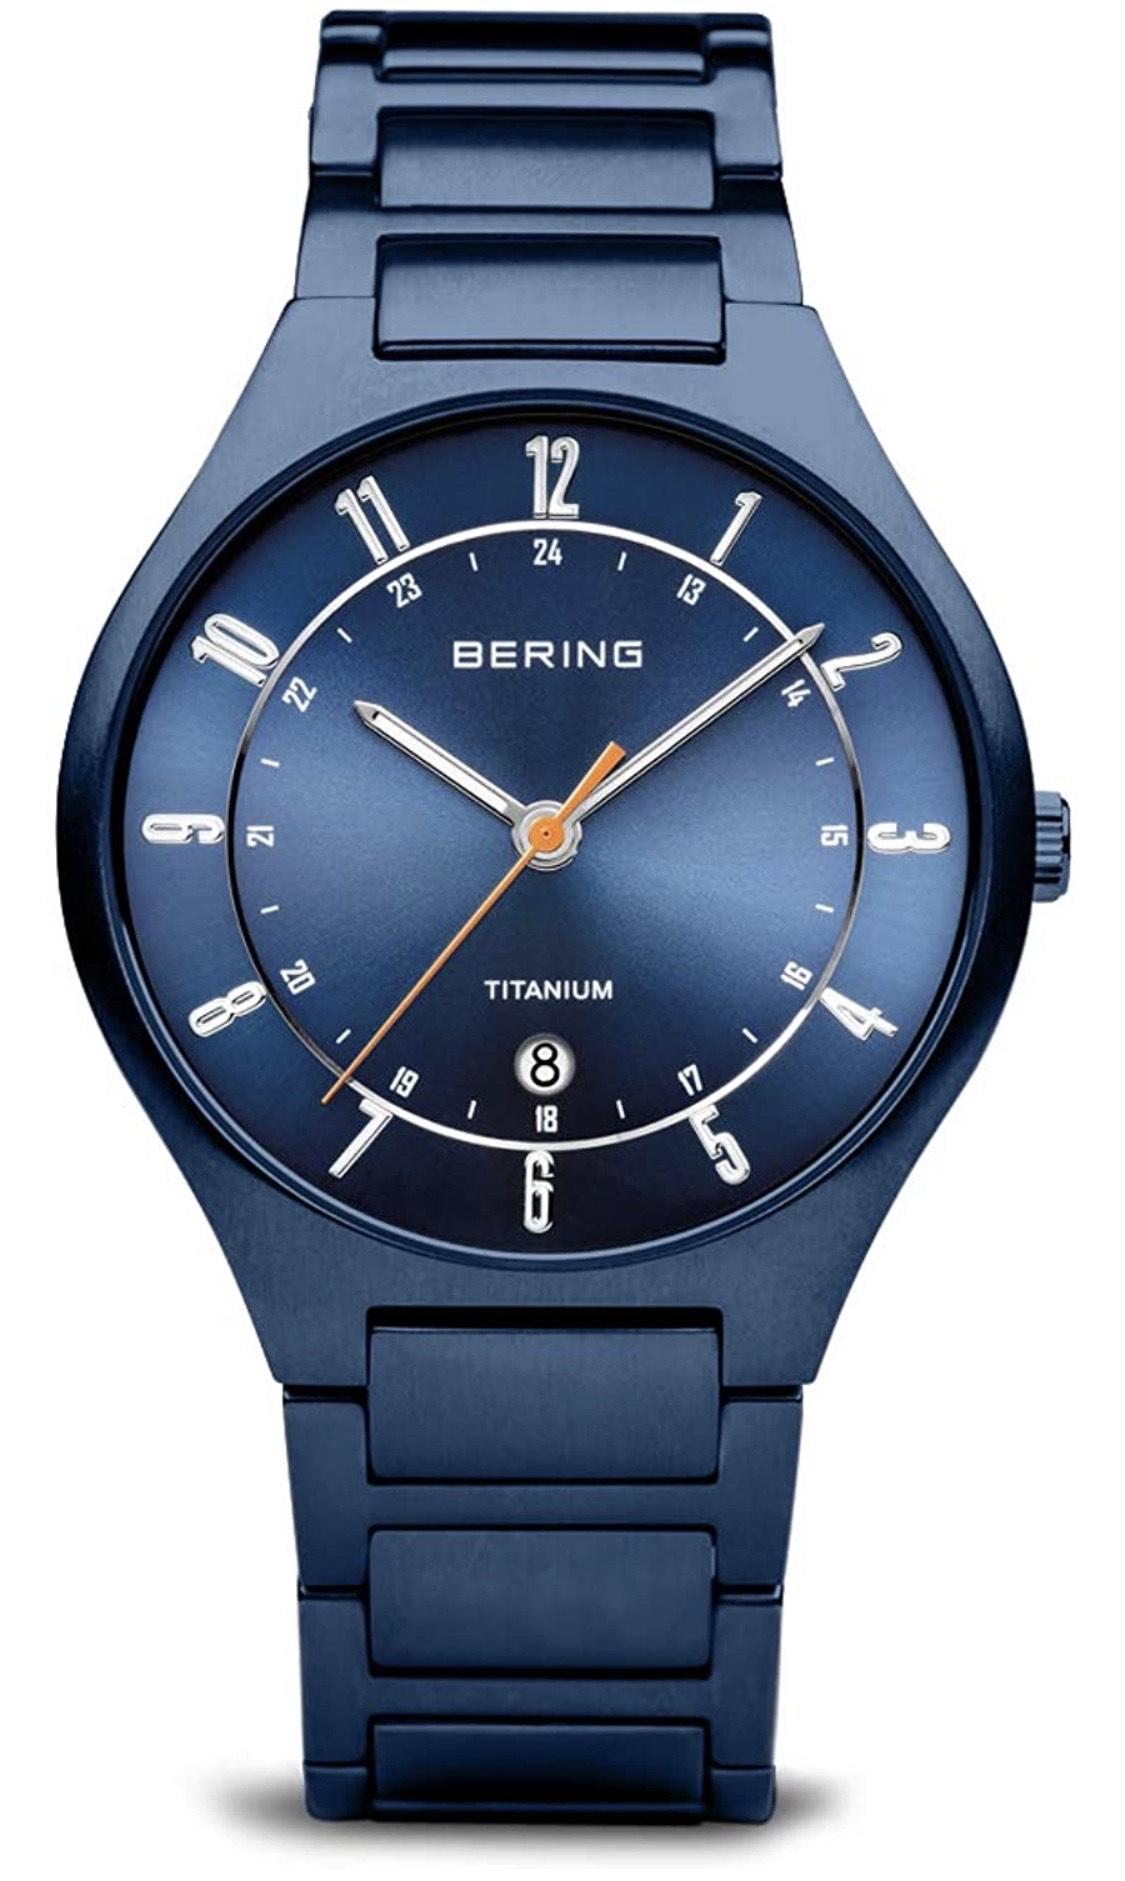 Reloj Bering titanio y solar en mínimo